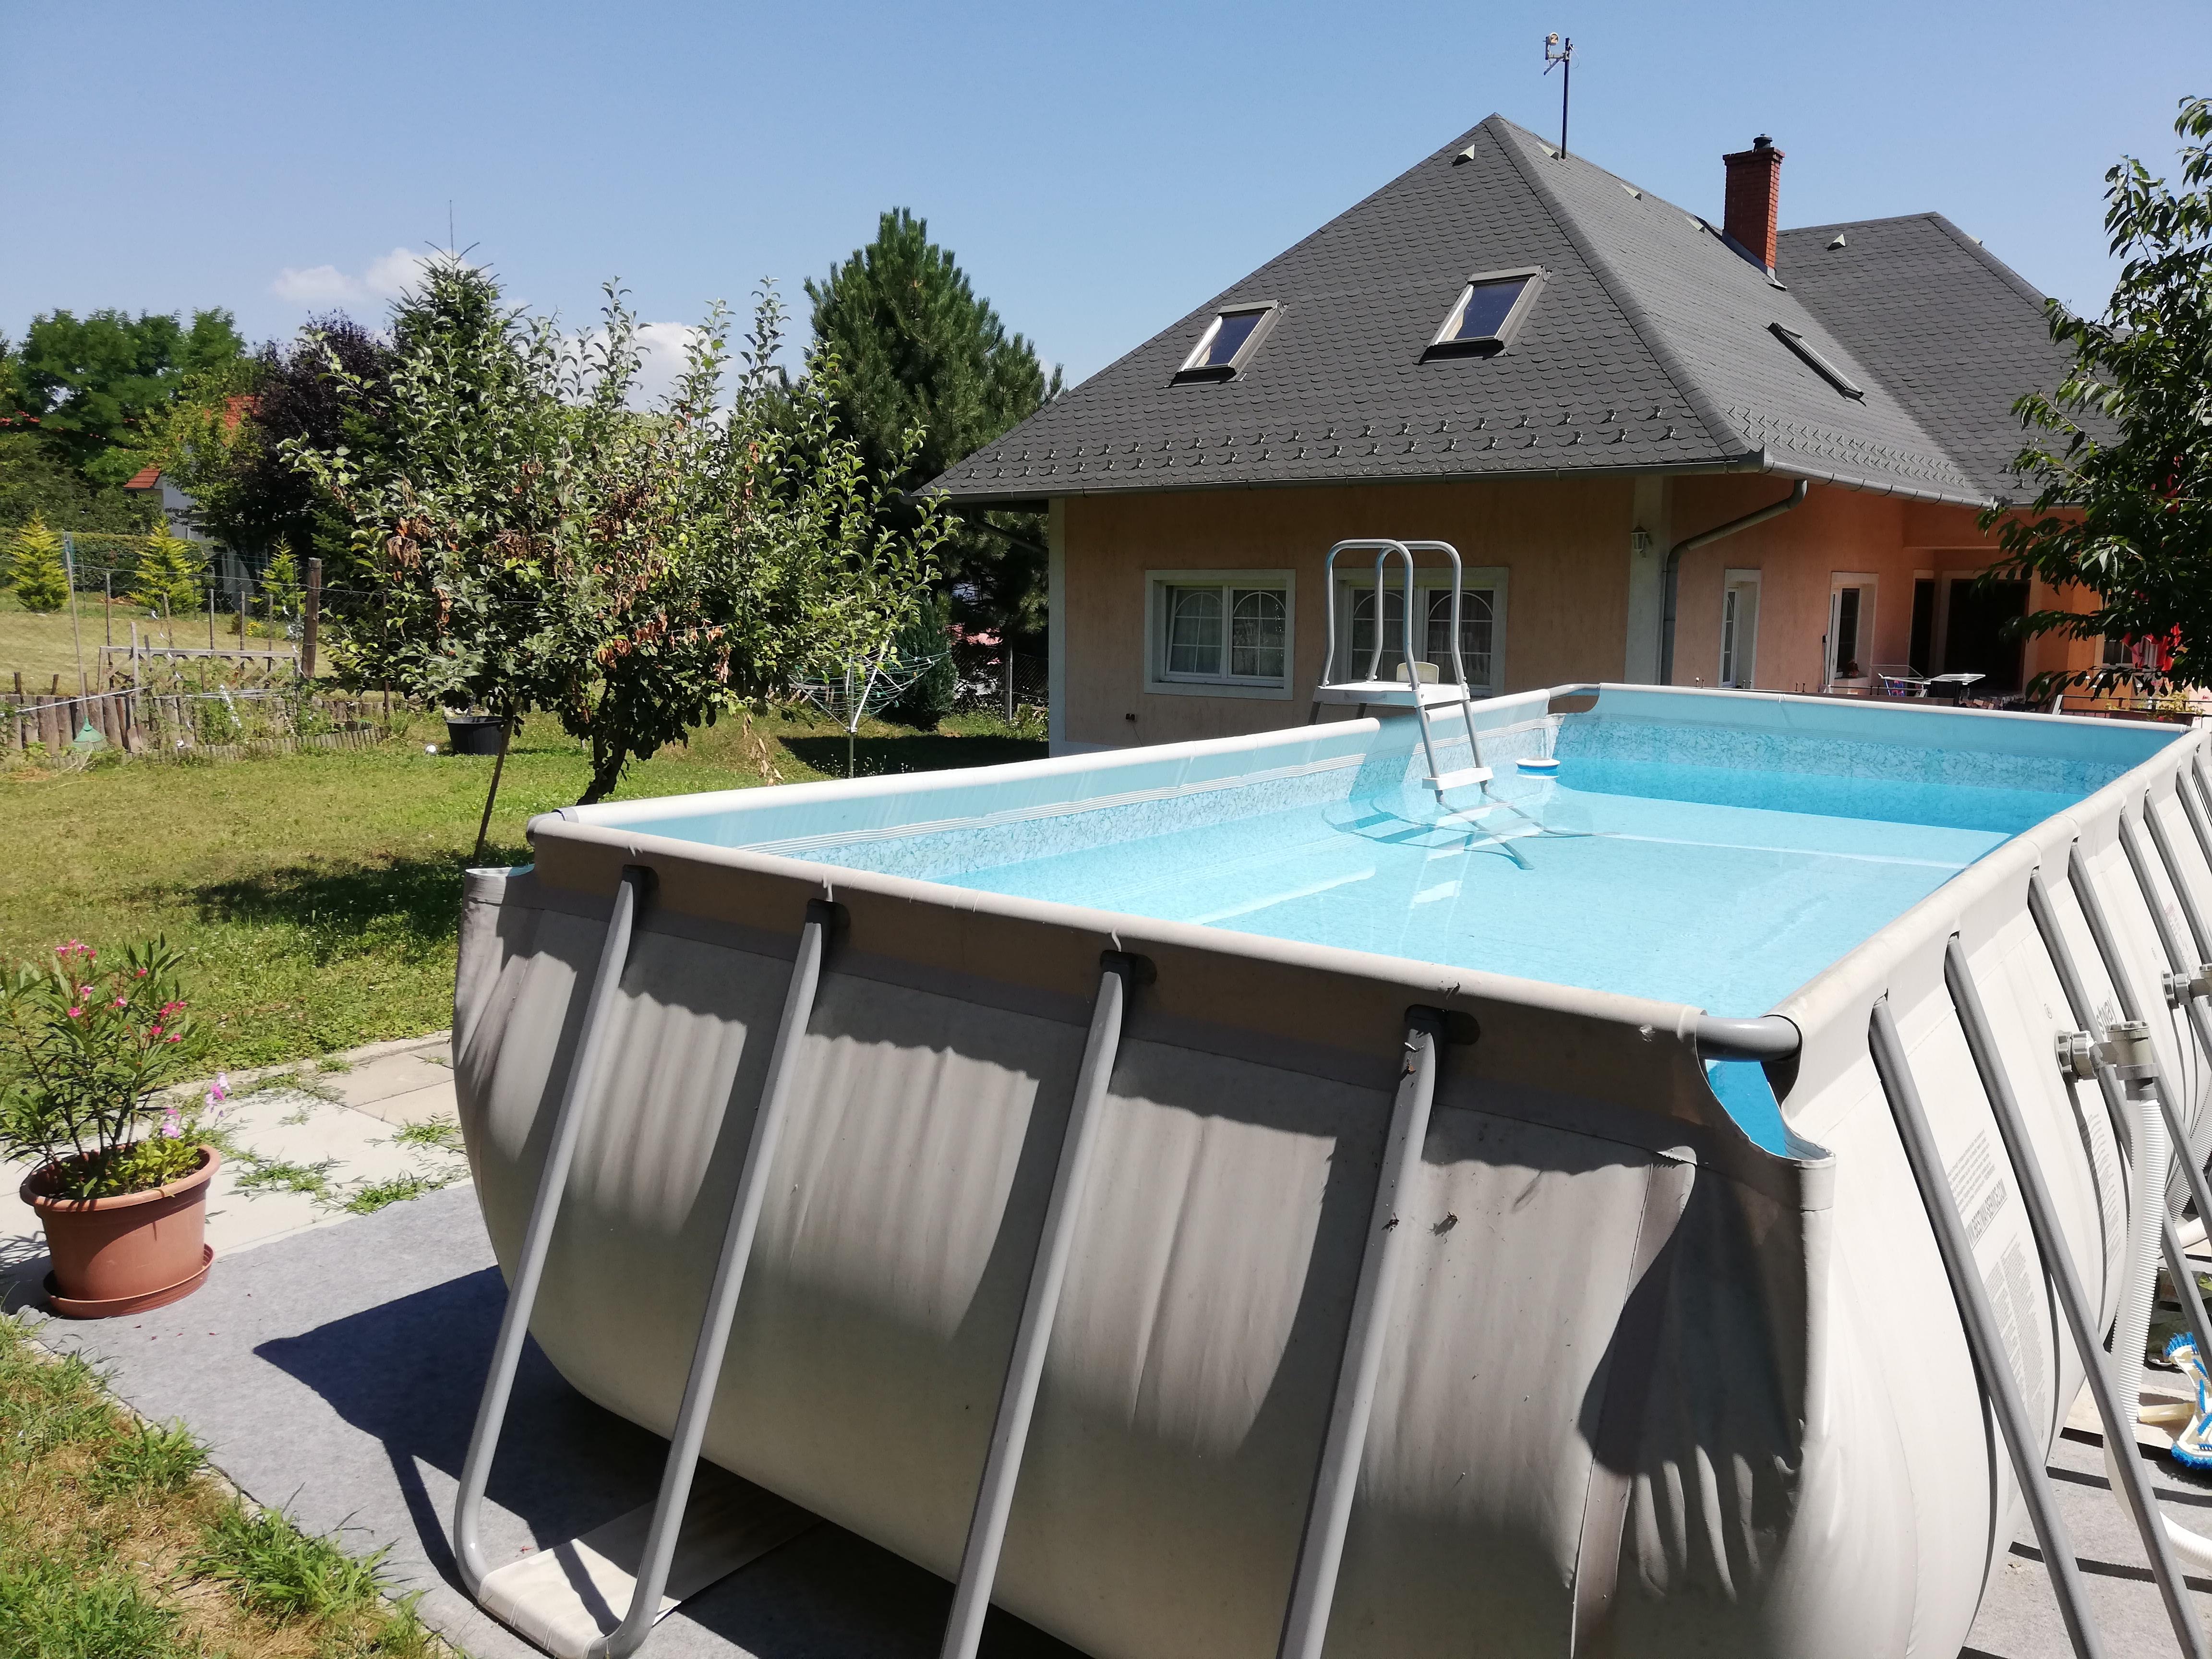 OBJEKT 100 Ferienhaus mit Pool,Spülmaschine,Wlan, Klima für 6 Personen